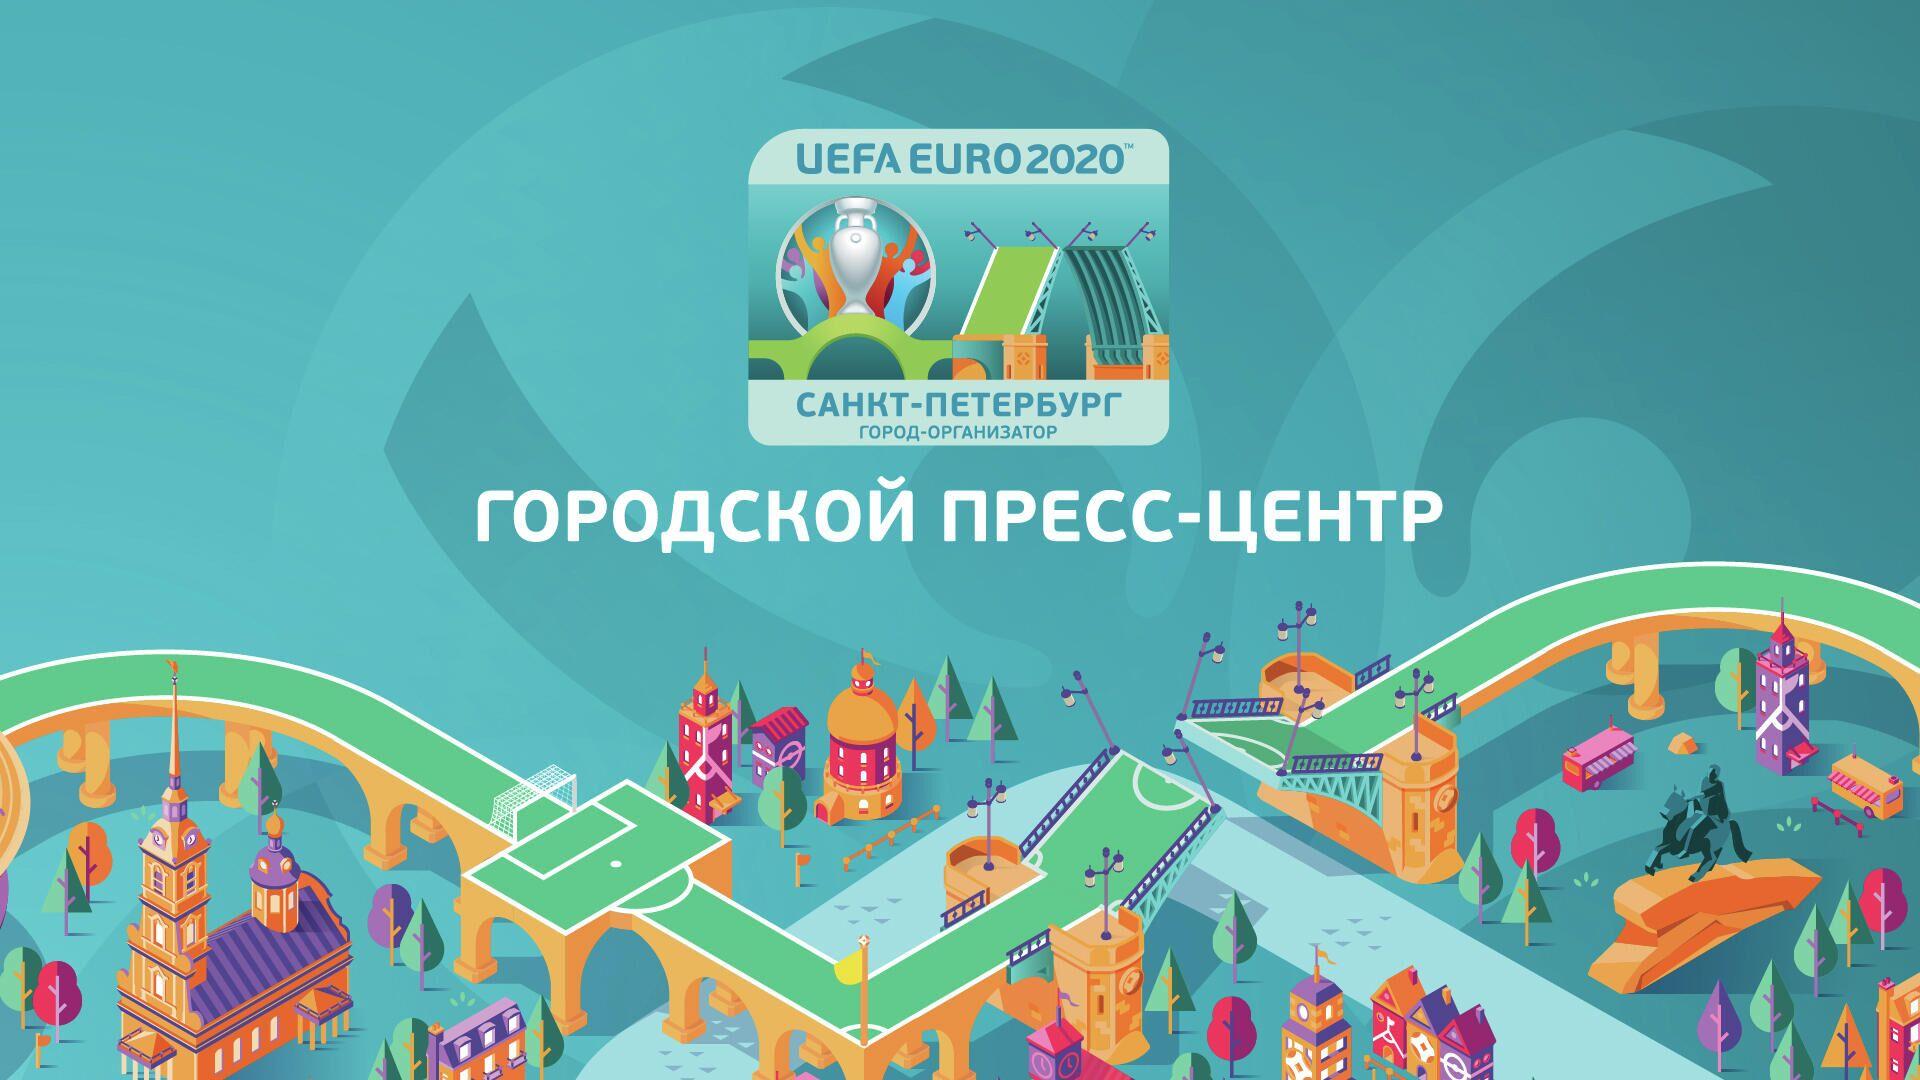 Городской пресс-центр ЕВРО 2020 в Санкт-Петербурге - РИА Новости, 1920, 15.05.2021